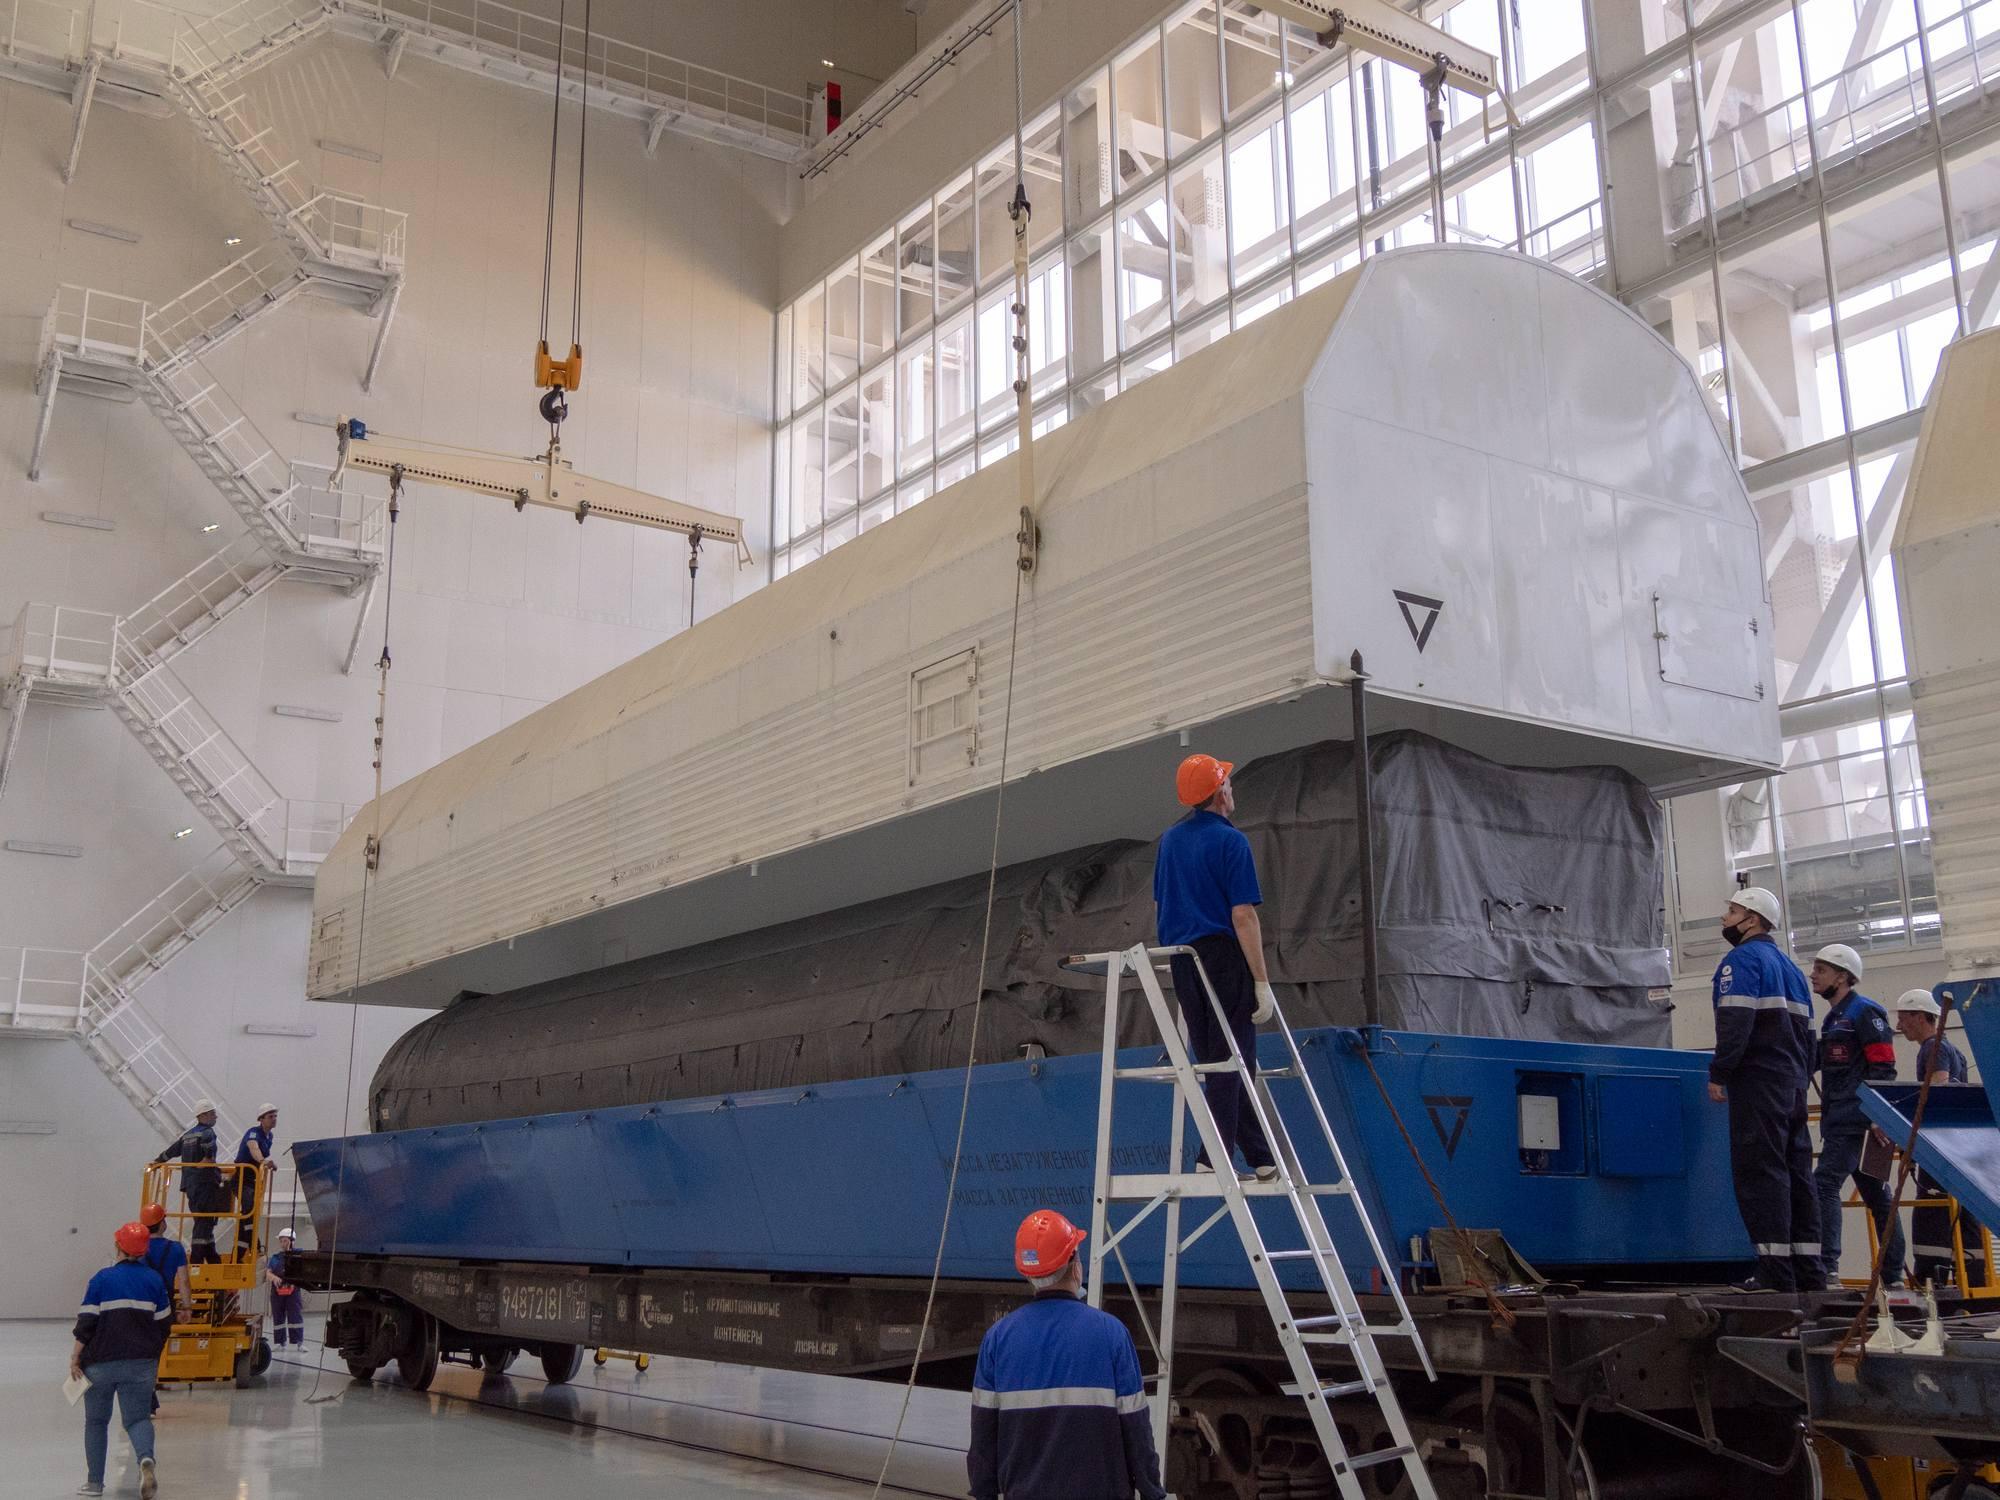 On soulève le couvercle du wagon de transport. A la forme on reconnaît déjà la partie inférieure du corps central du lanceur Soyouz.